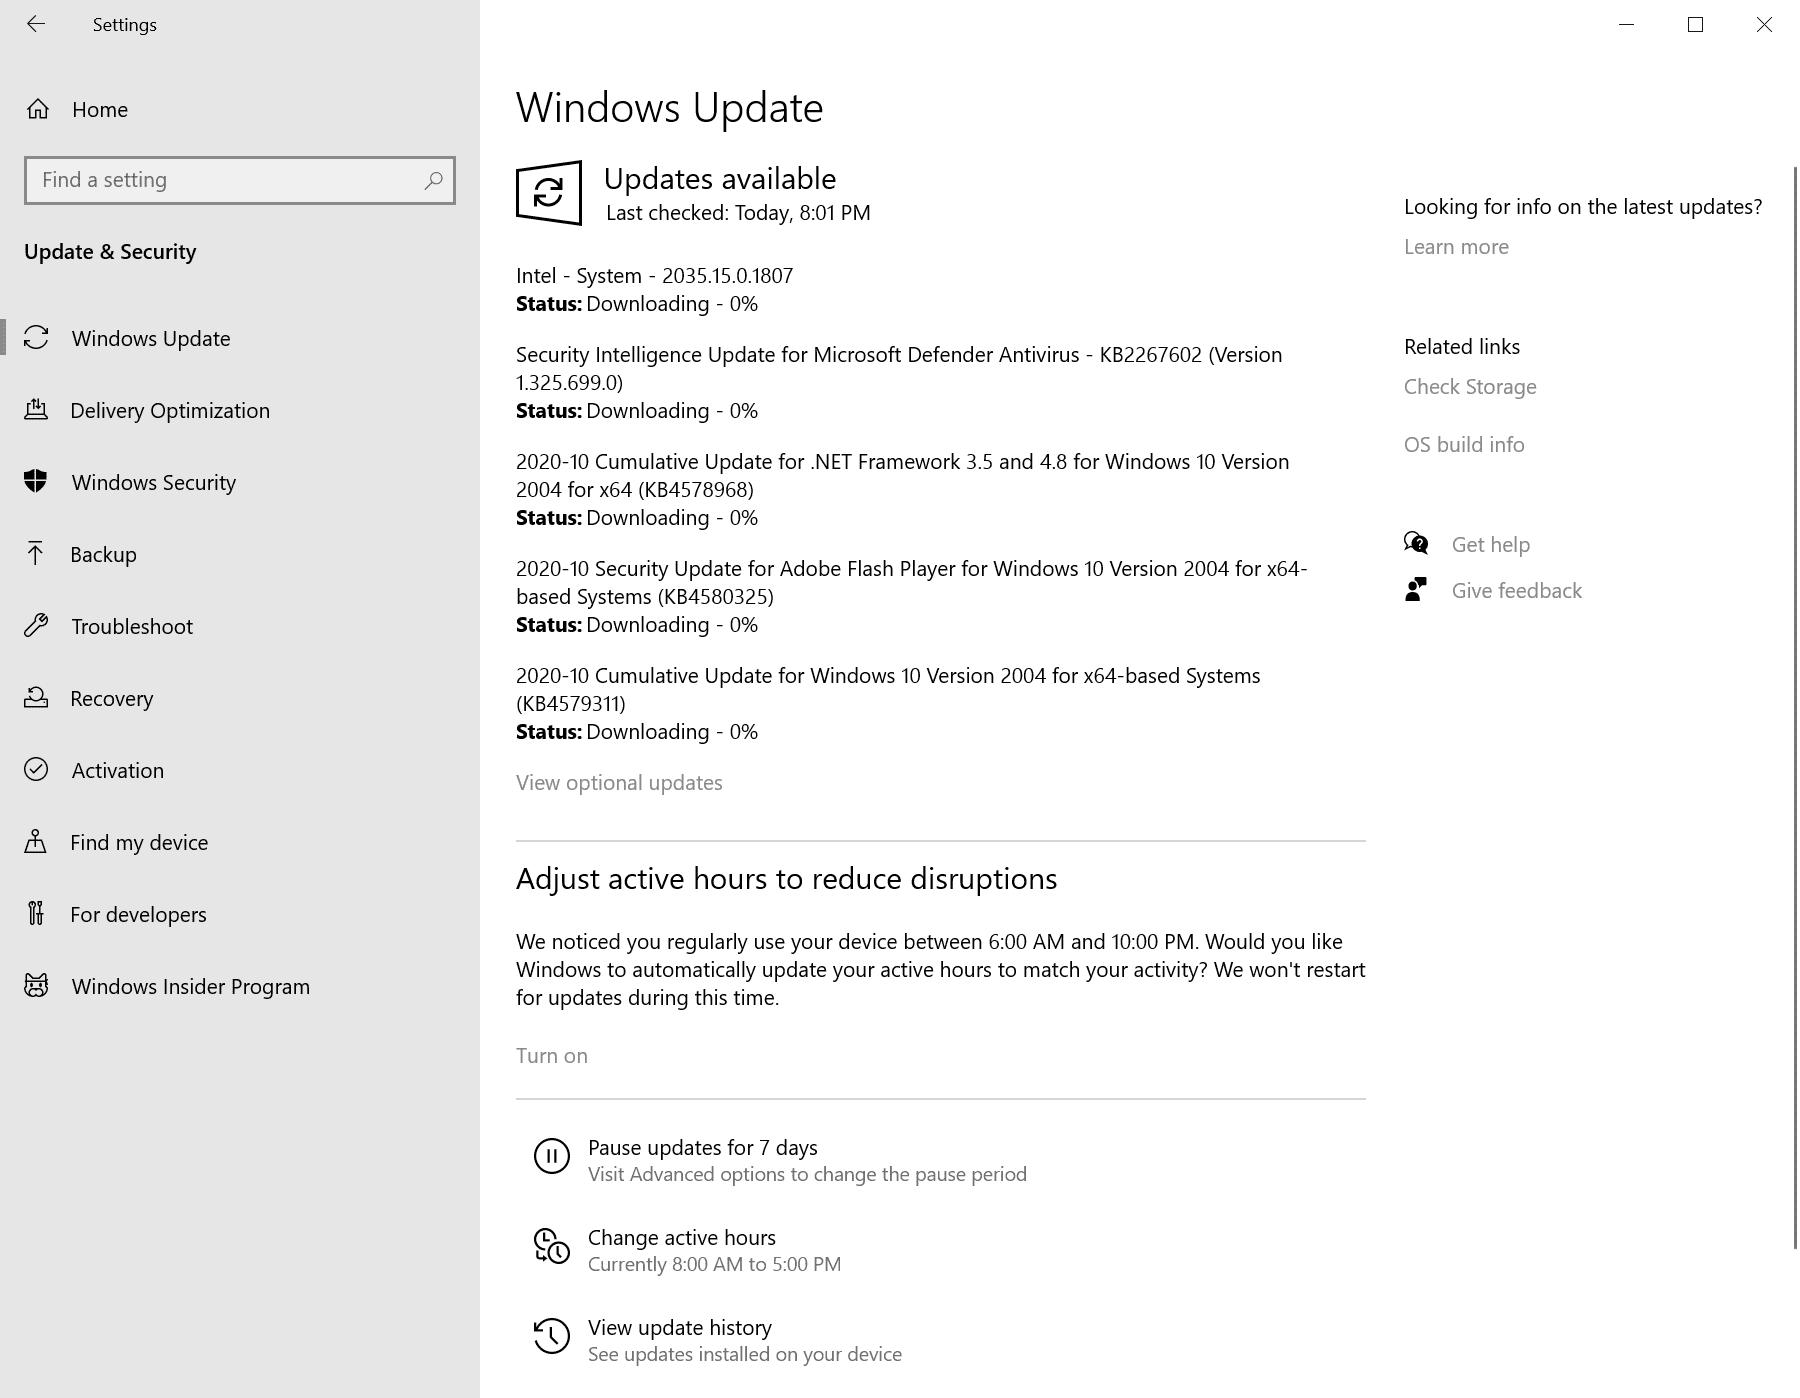 actualizaciones de seguridad de windows octubre de 2020